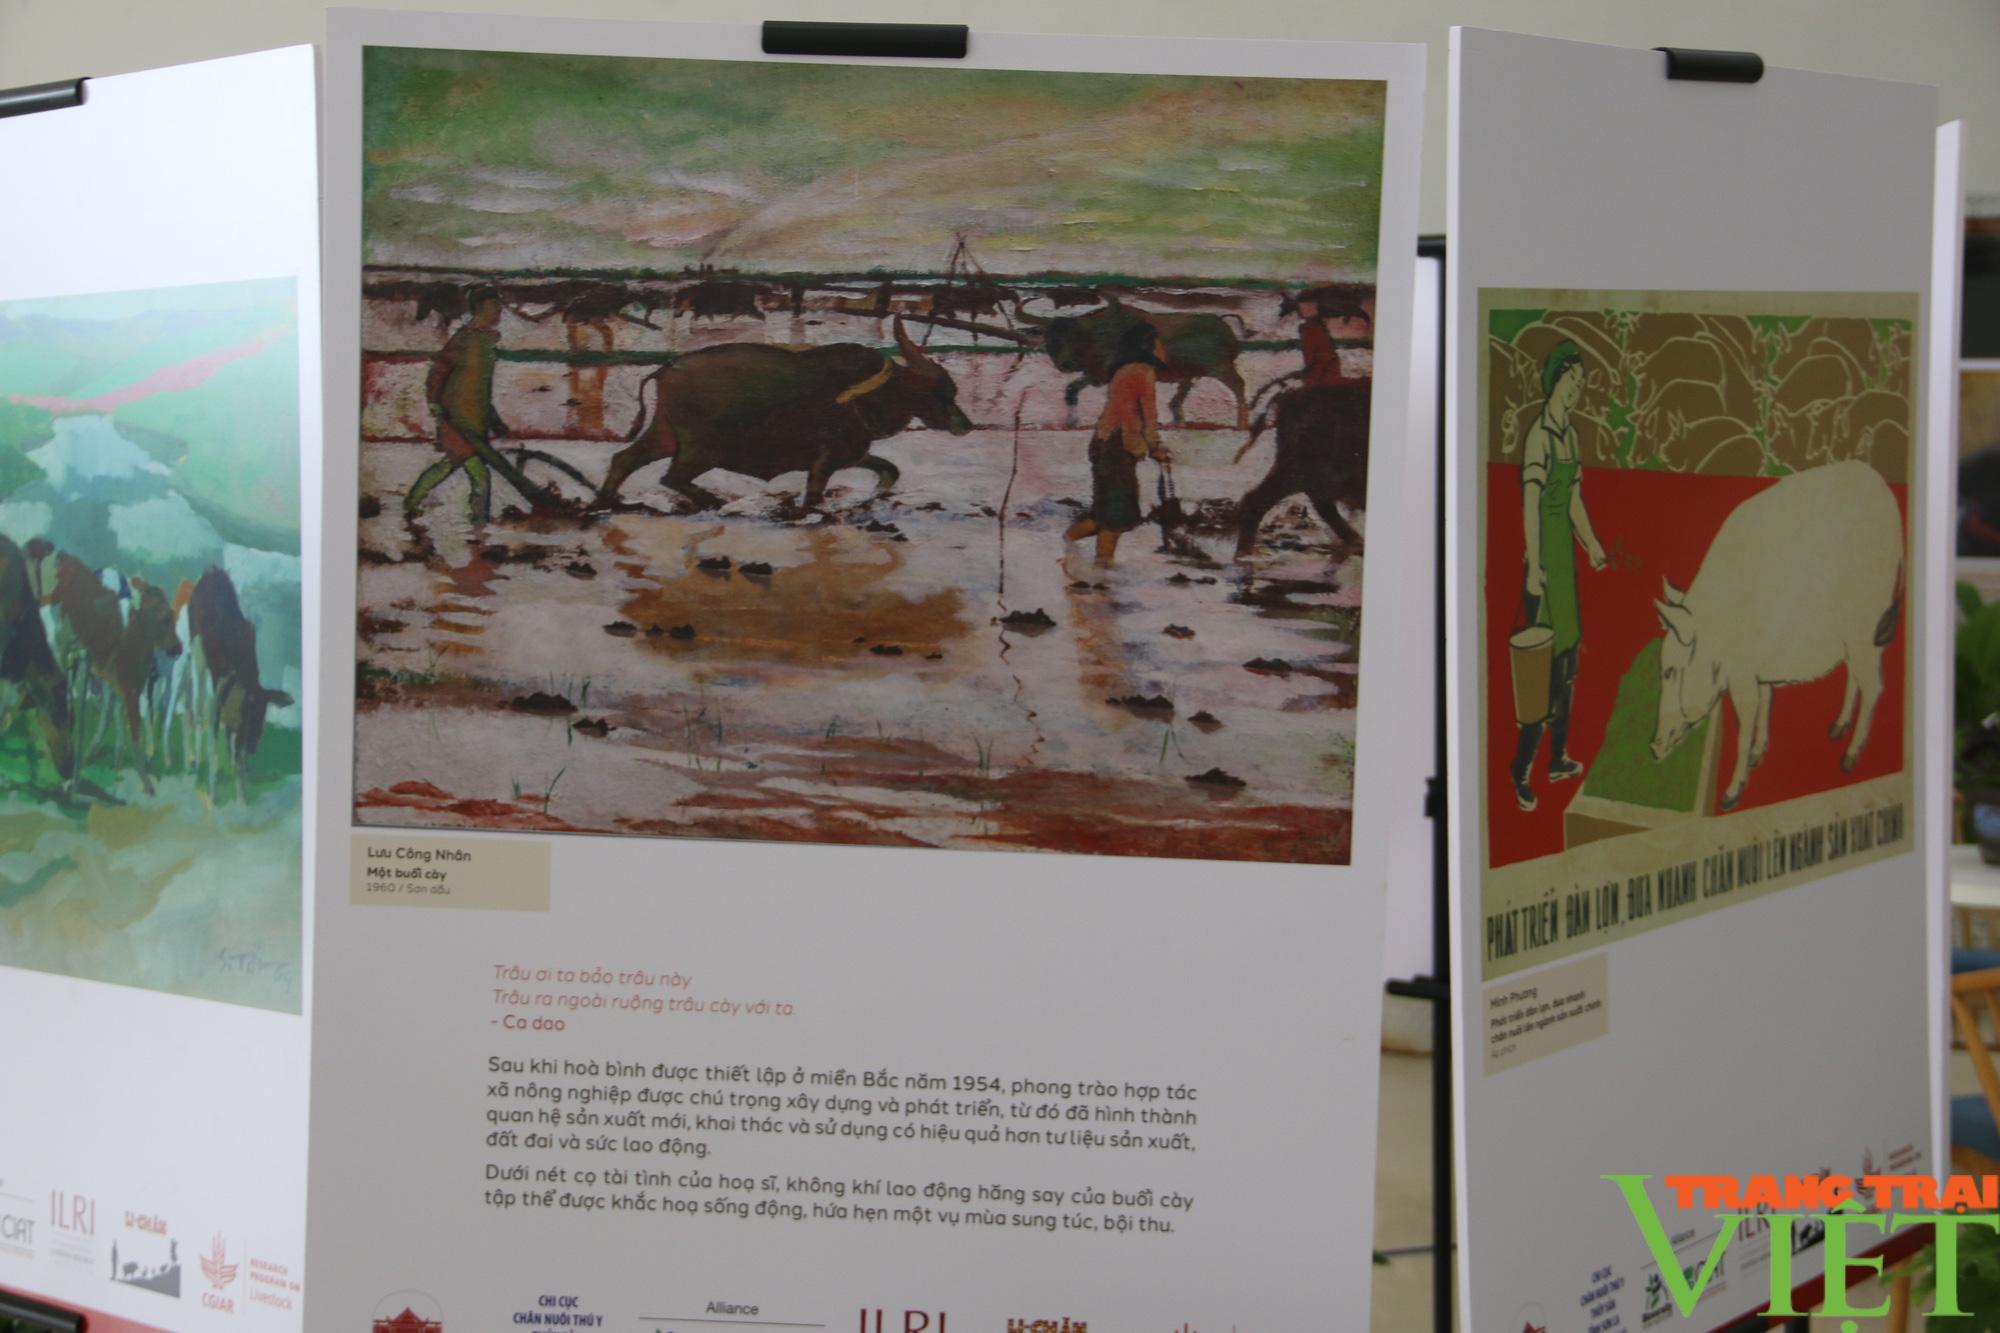 Khai mạc triển lãm chăn nuôi dưới góc nhìn của nghệ sĩ và nông dân  - Ảnh 2.